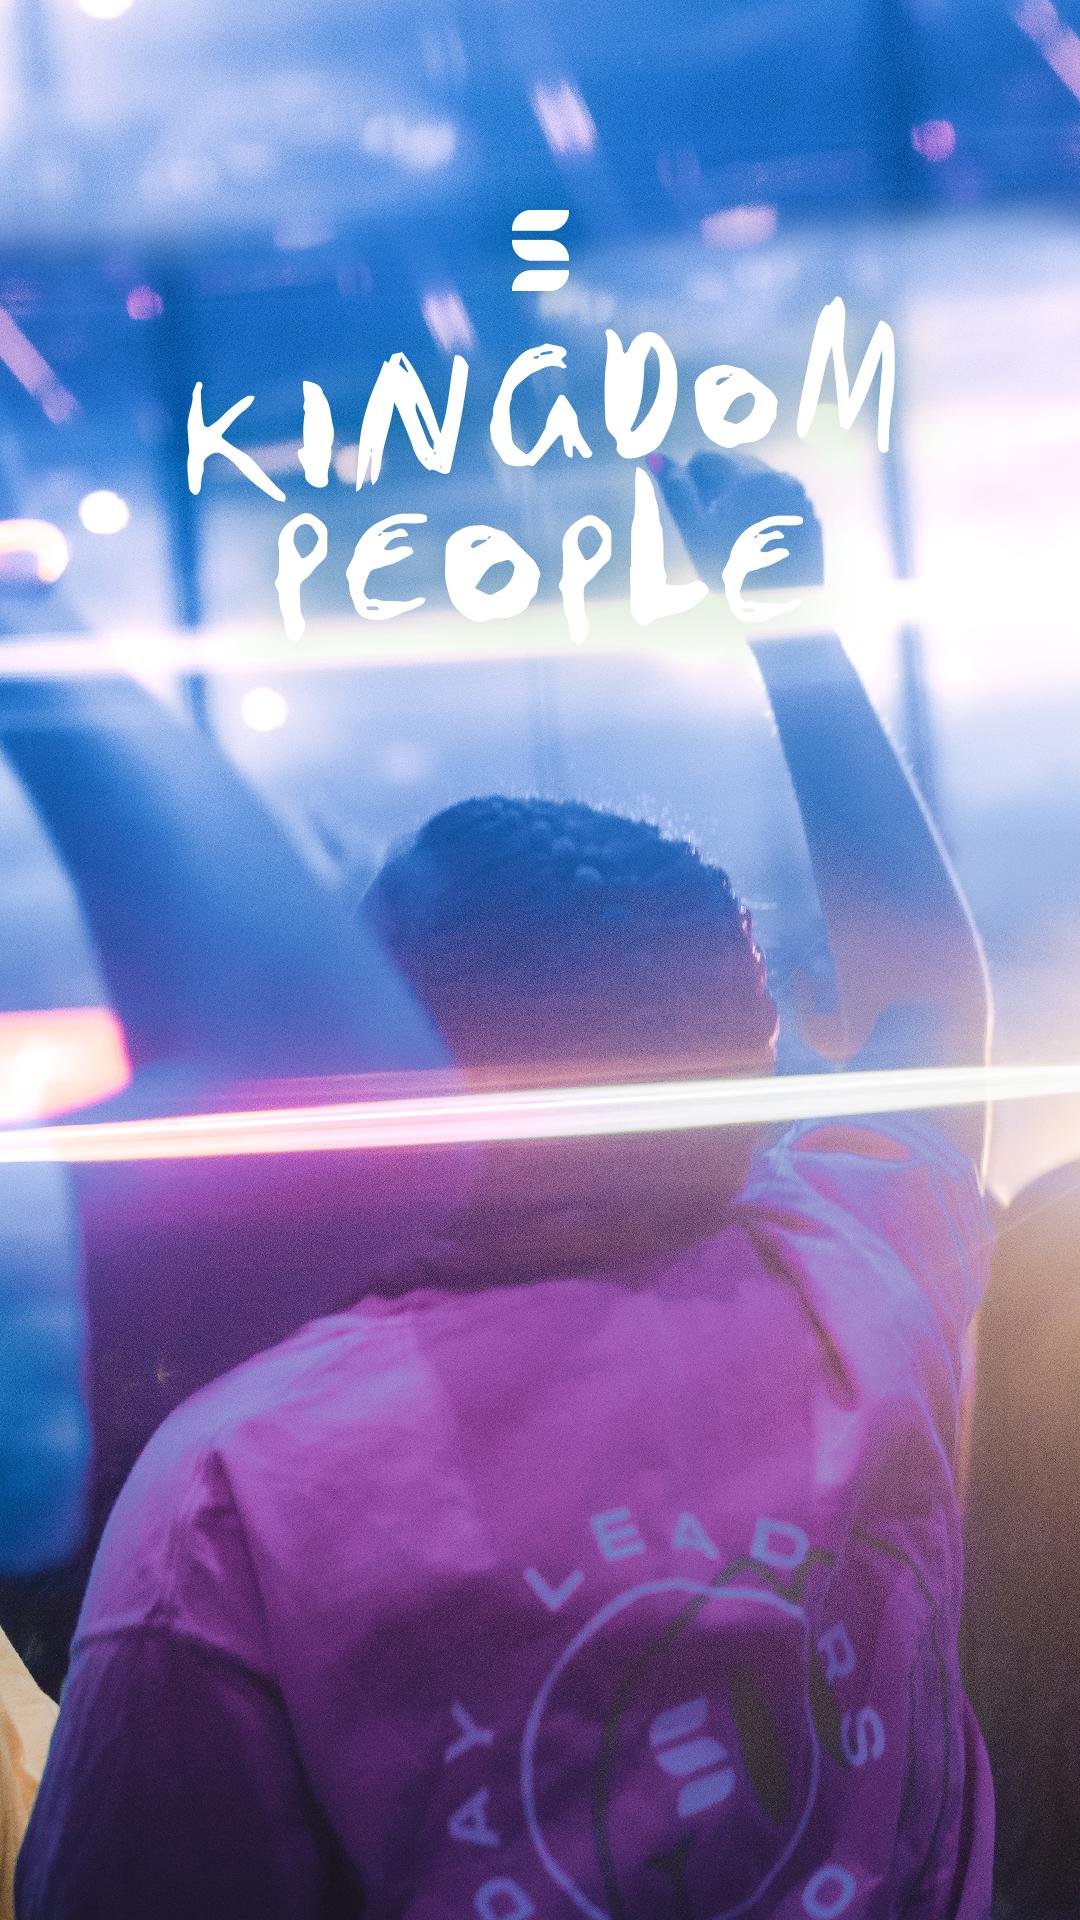 Kingdom People 2 Social Stories (JPG)